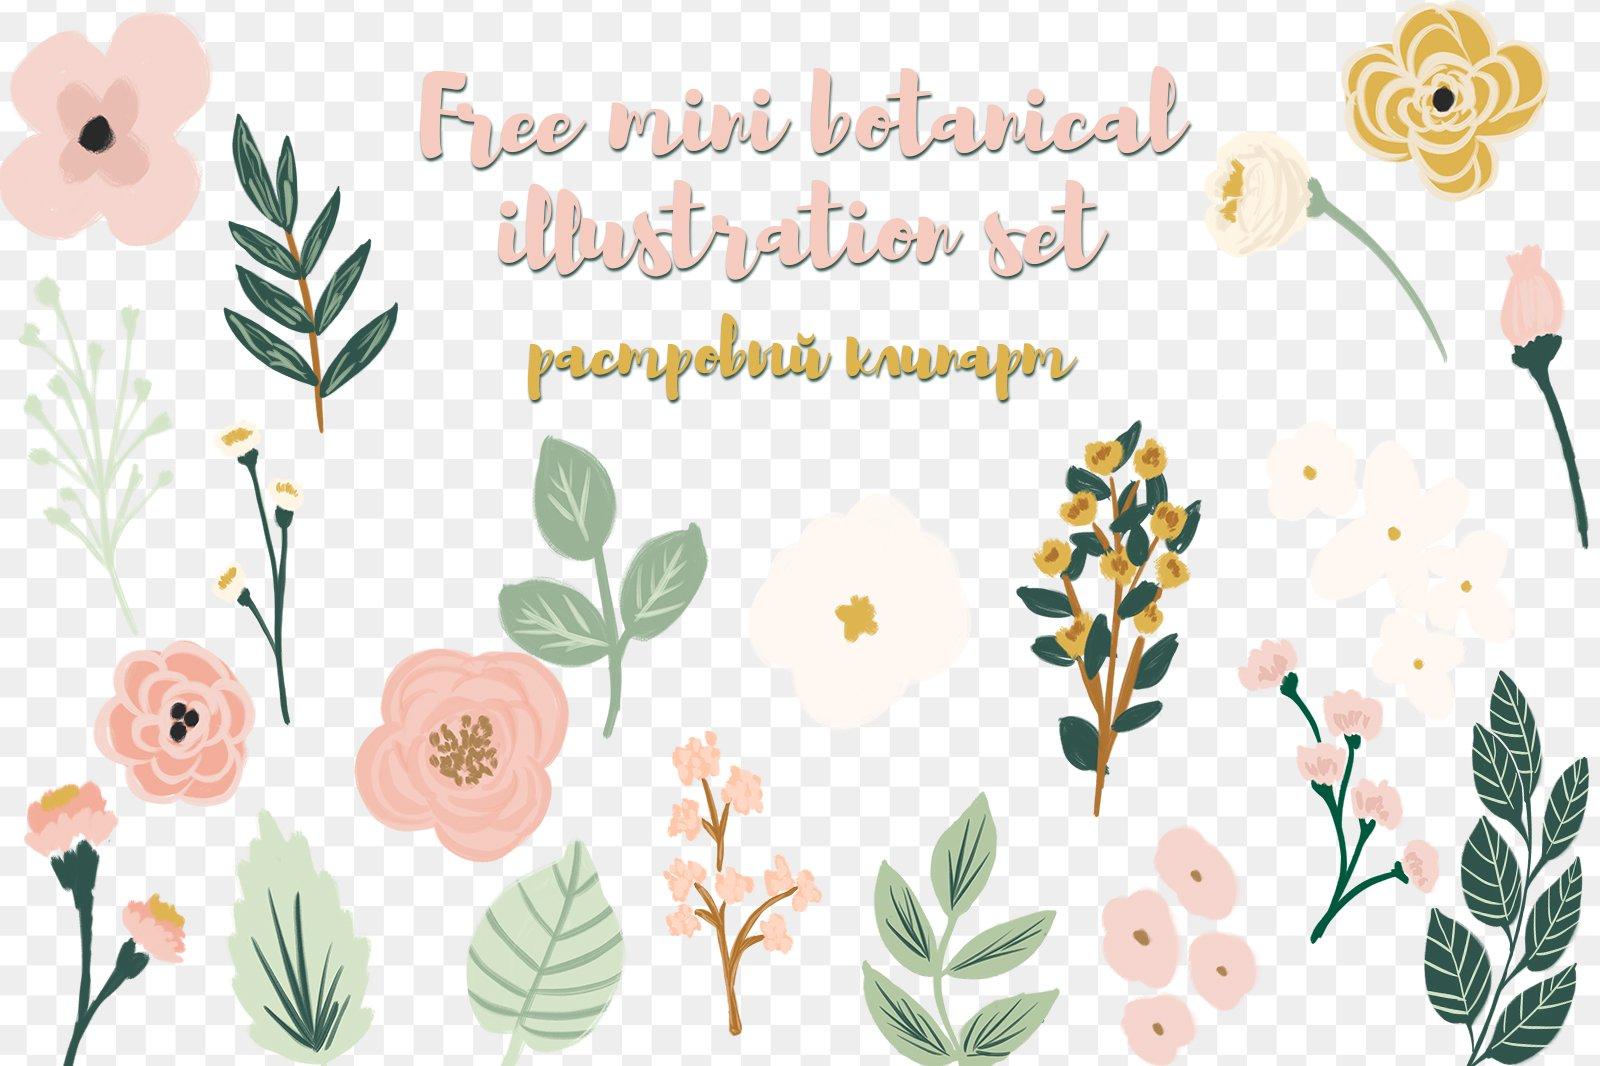 Free mini botanical illustration set растровый клипарт скачать